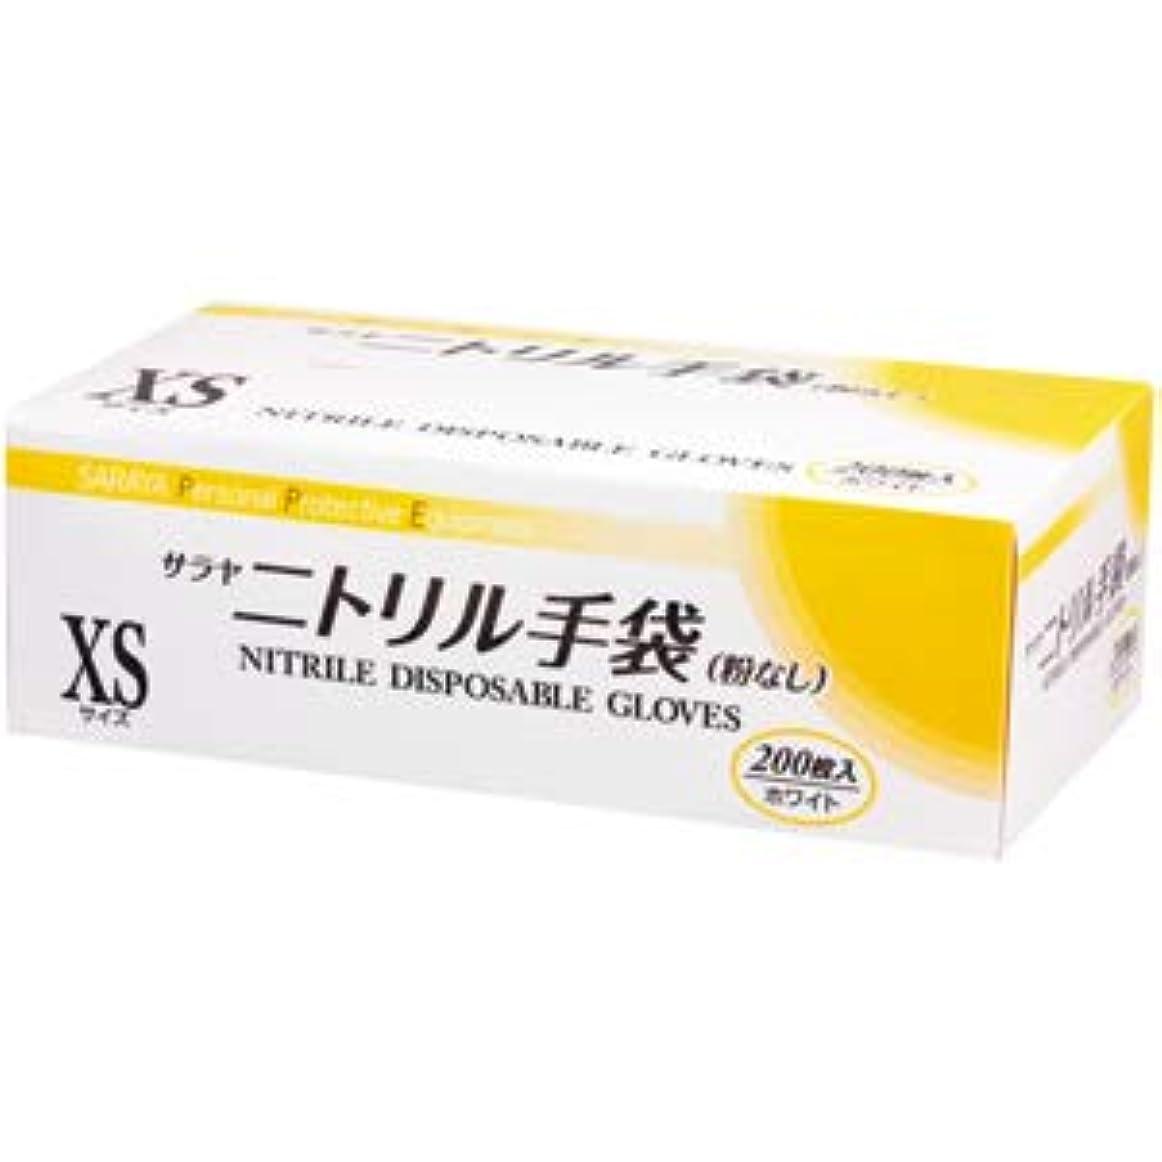 ほこりまっすぐ求人サラヤ ニトリル手袋 ホワイト XS 200枚×10箱 51073